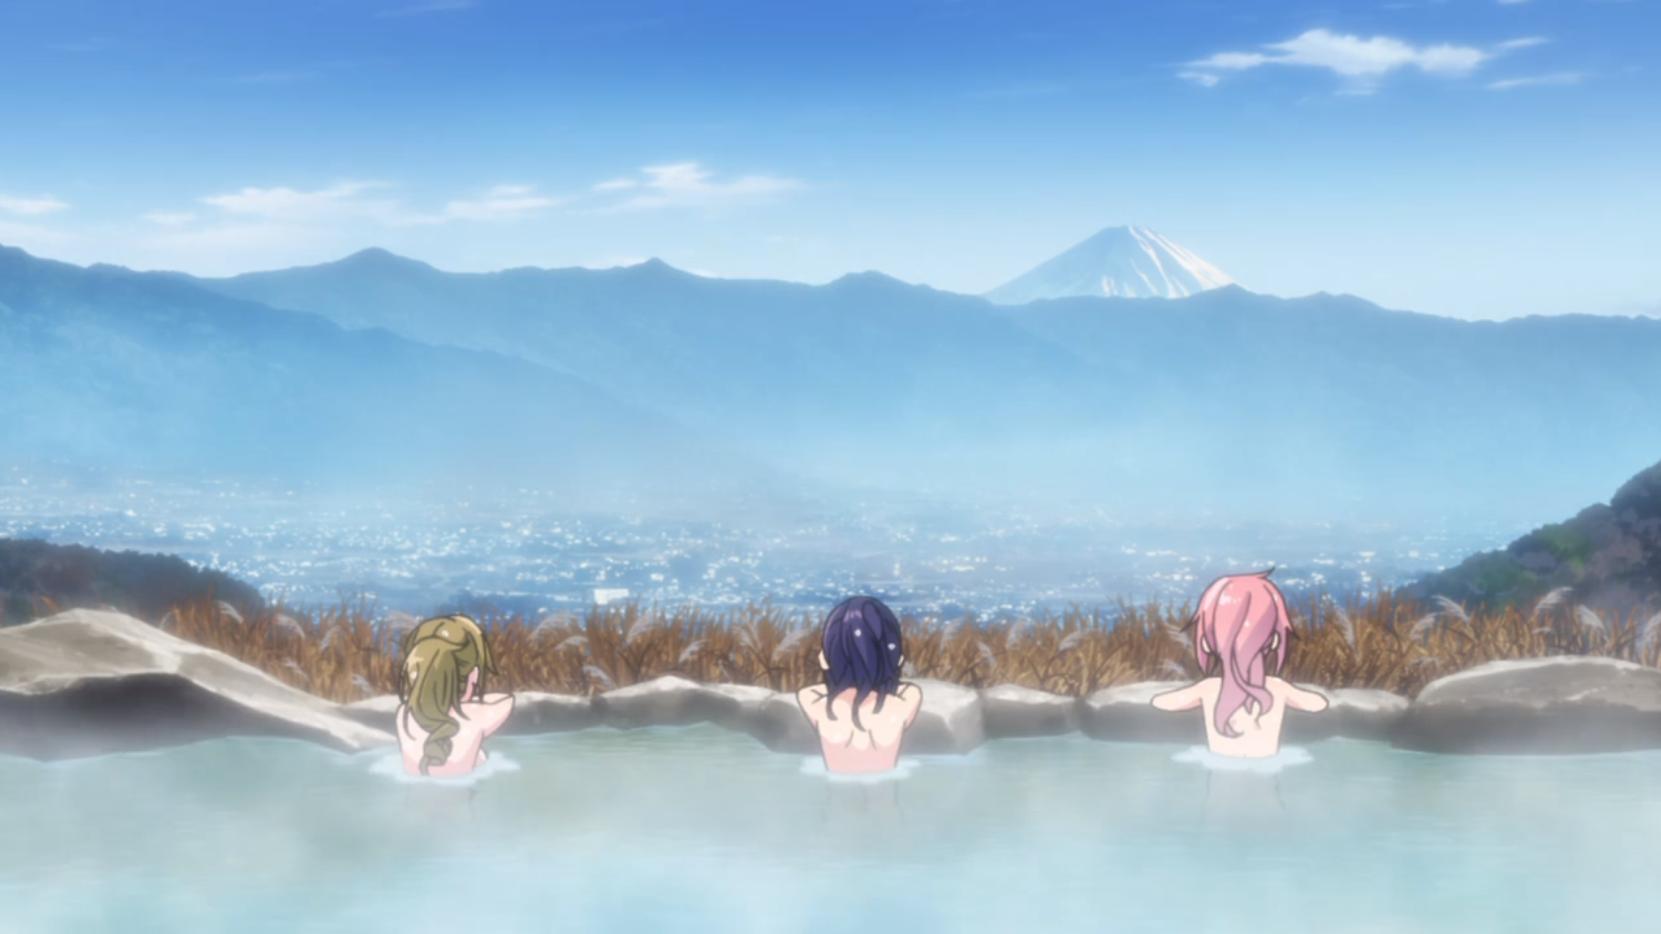 アニメ『ゆるキャン△』5話のほっとけや温泉入浴シーン